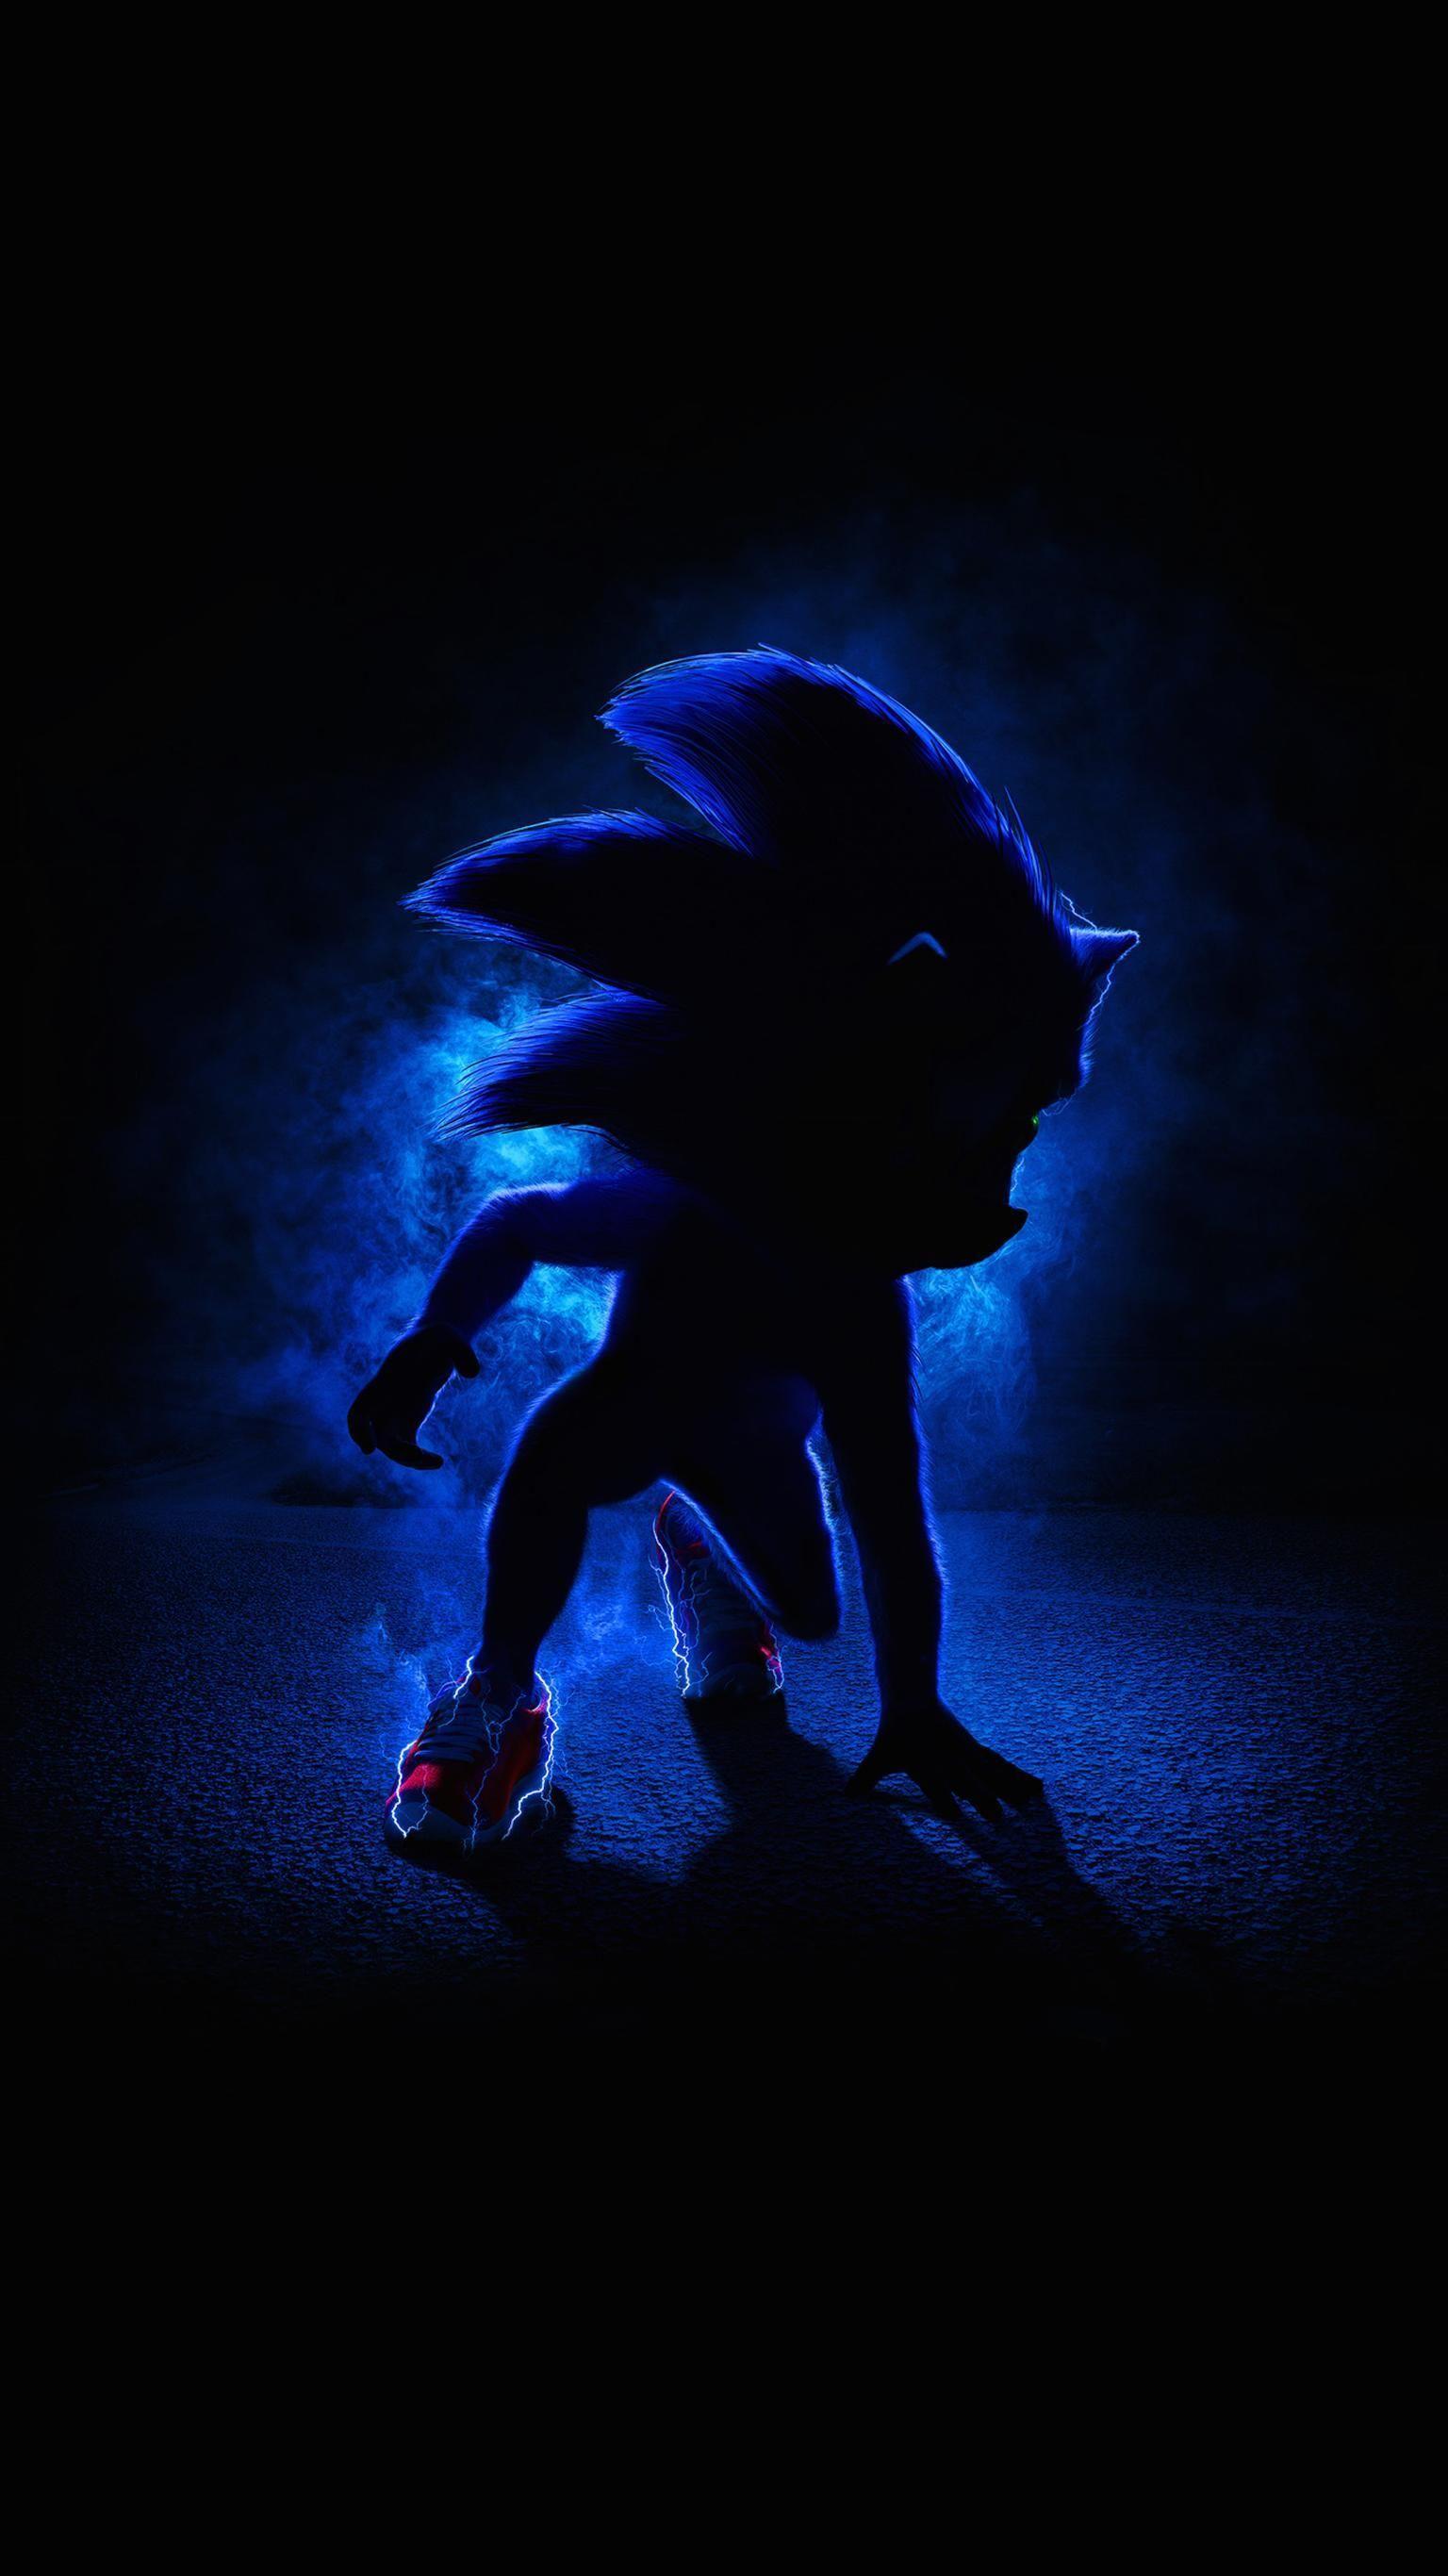 Hình nền điện thoại 1536x2732 Sonic the Hedgehog (2020).  Phim Nhím, Sonic